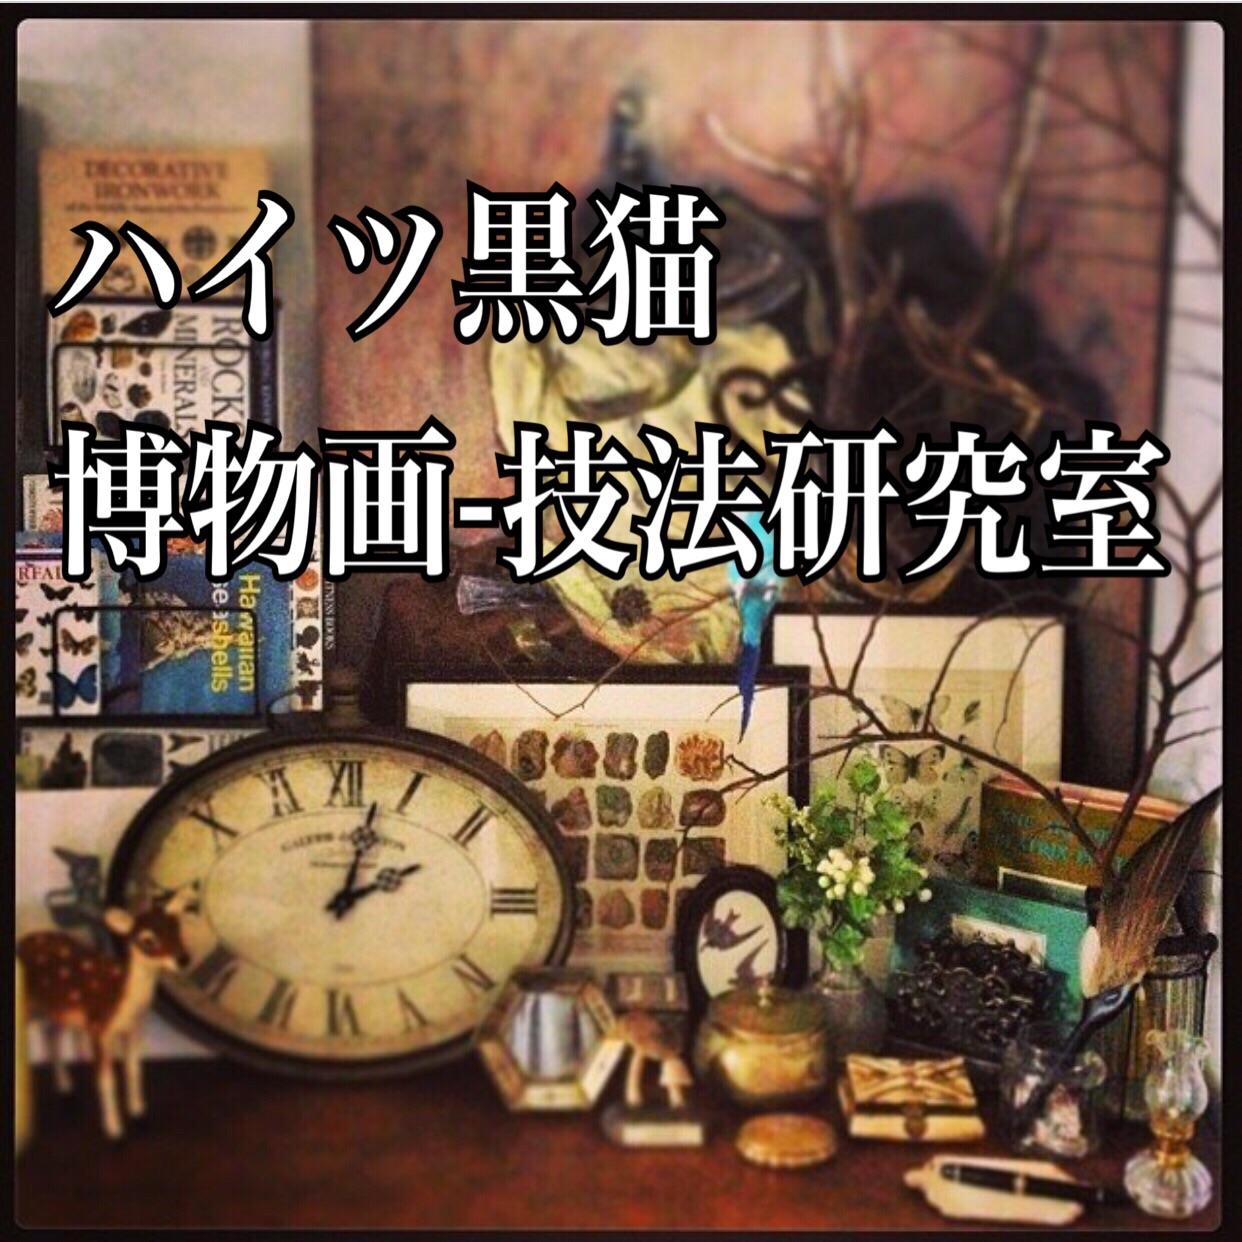 2015_ハイツ黒猫博物画-技法研究室_logo